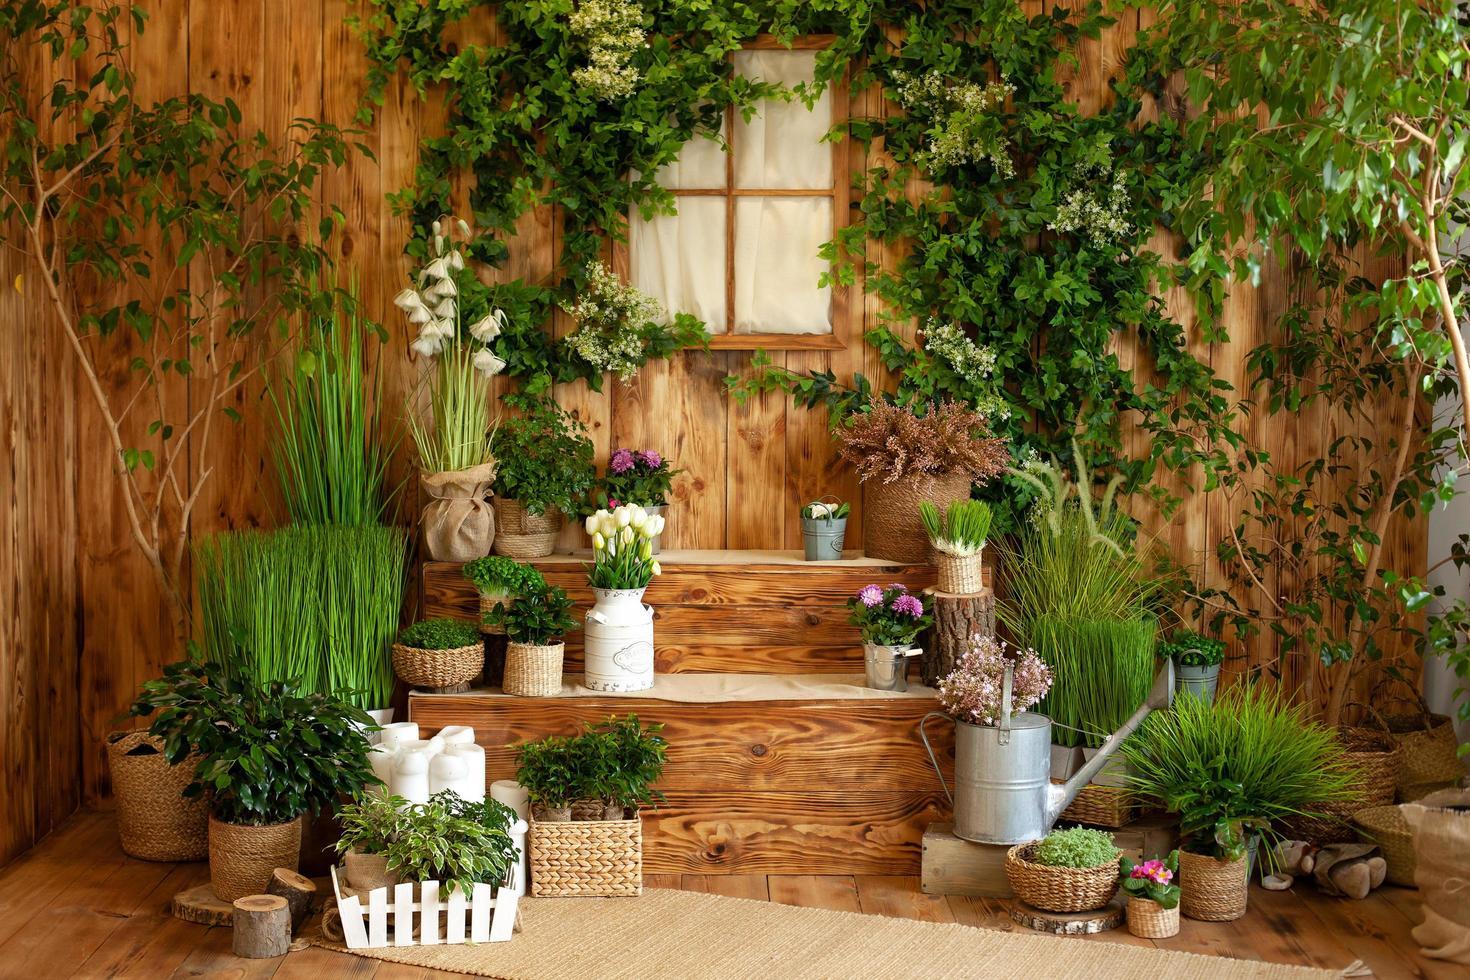 Patio de printemps d'une maison en bois avec des plantes vertes photo